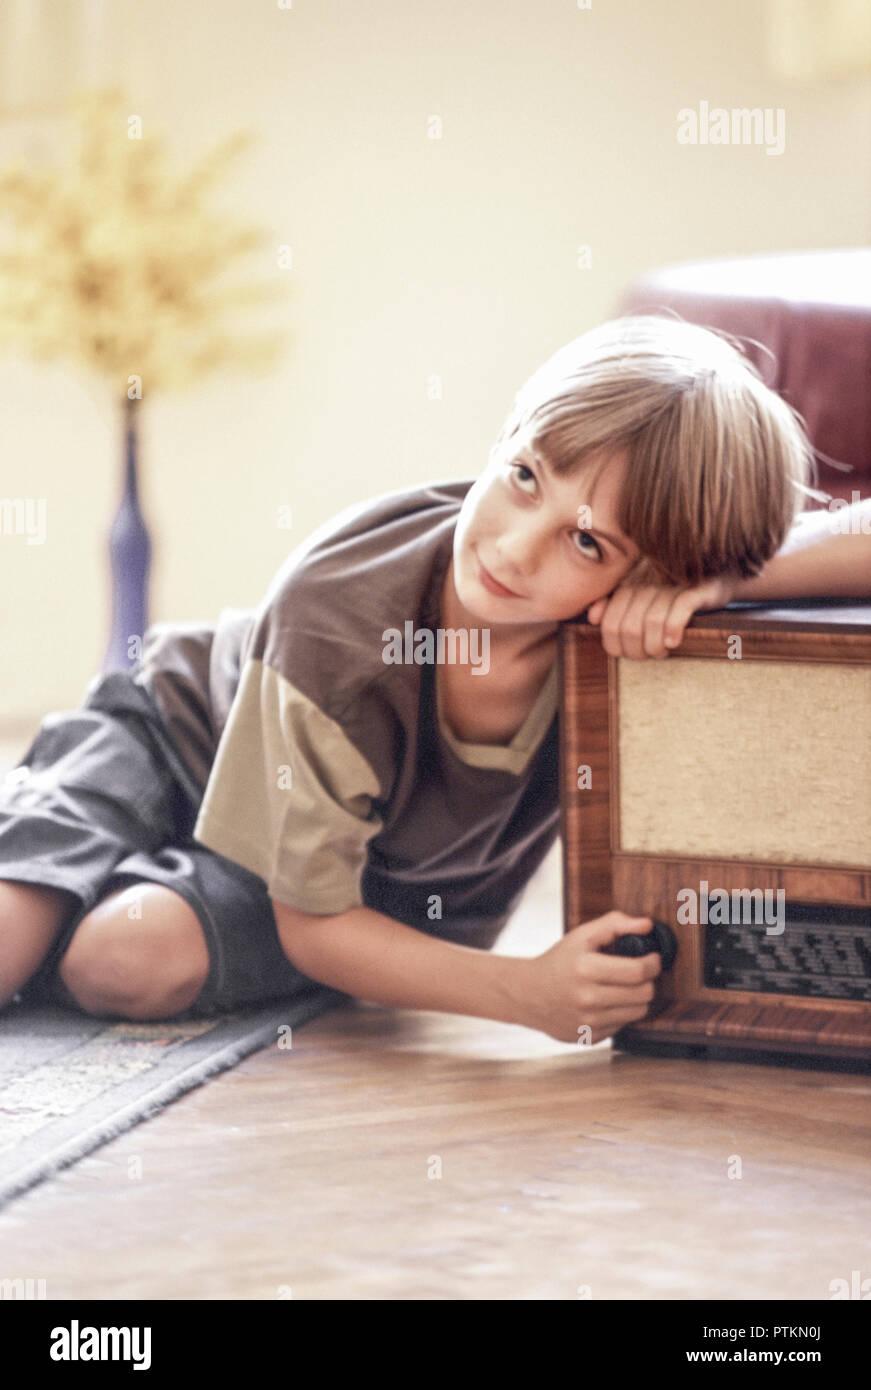 Nostalgie Junge Radio Hoeren Wohnzimmer Zu Hause Sitzen